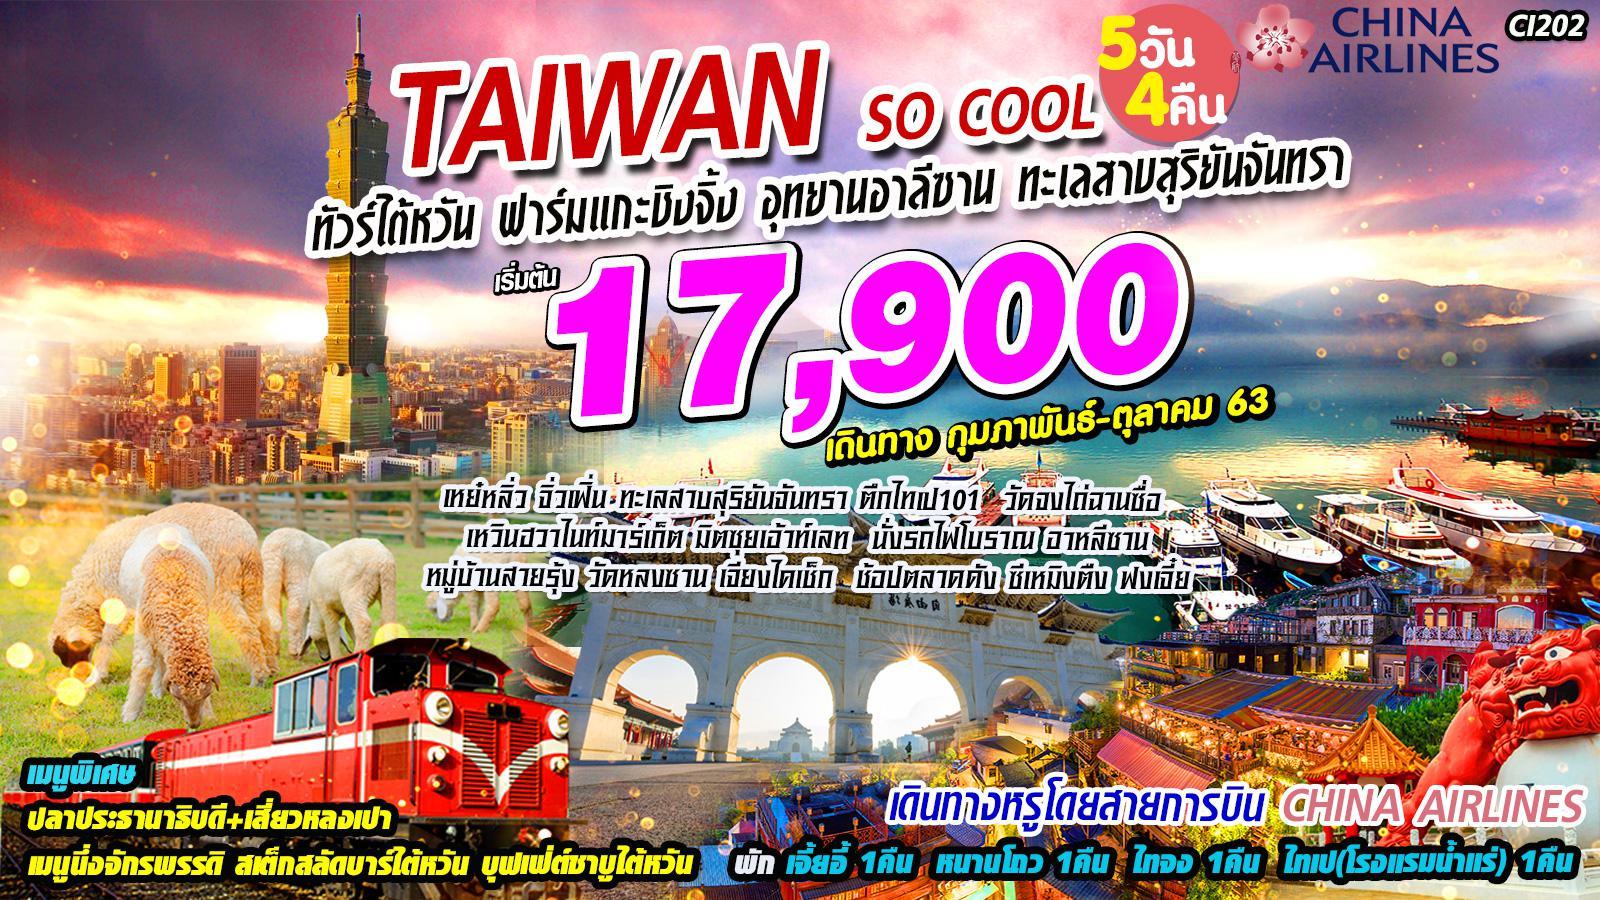 TAIWAN SO COOL อาหลีซาน-ฟาร์มแกะชิงจิ้ง-เหย่หลิ่ว-จิ่วเฟิ่น-สุริยันจันทรา 5วัน4คืน